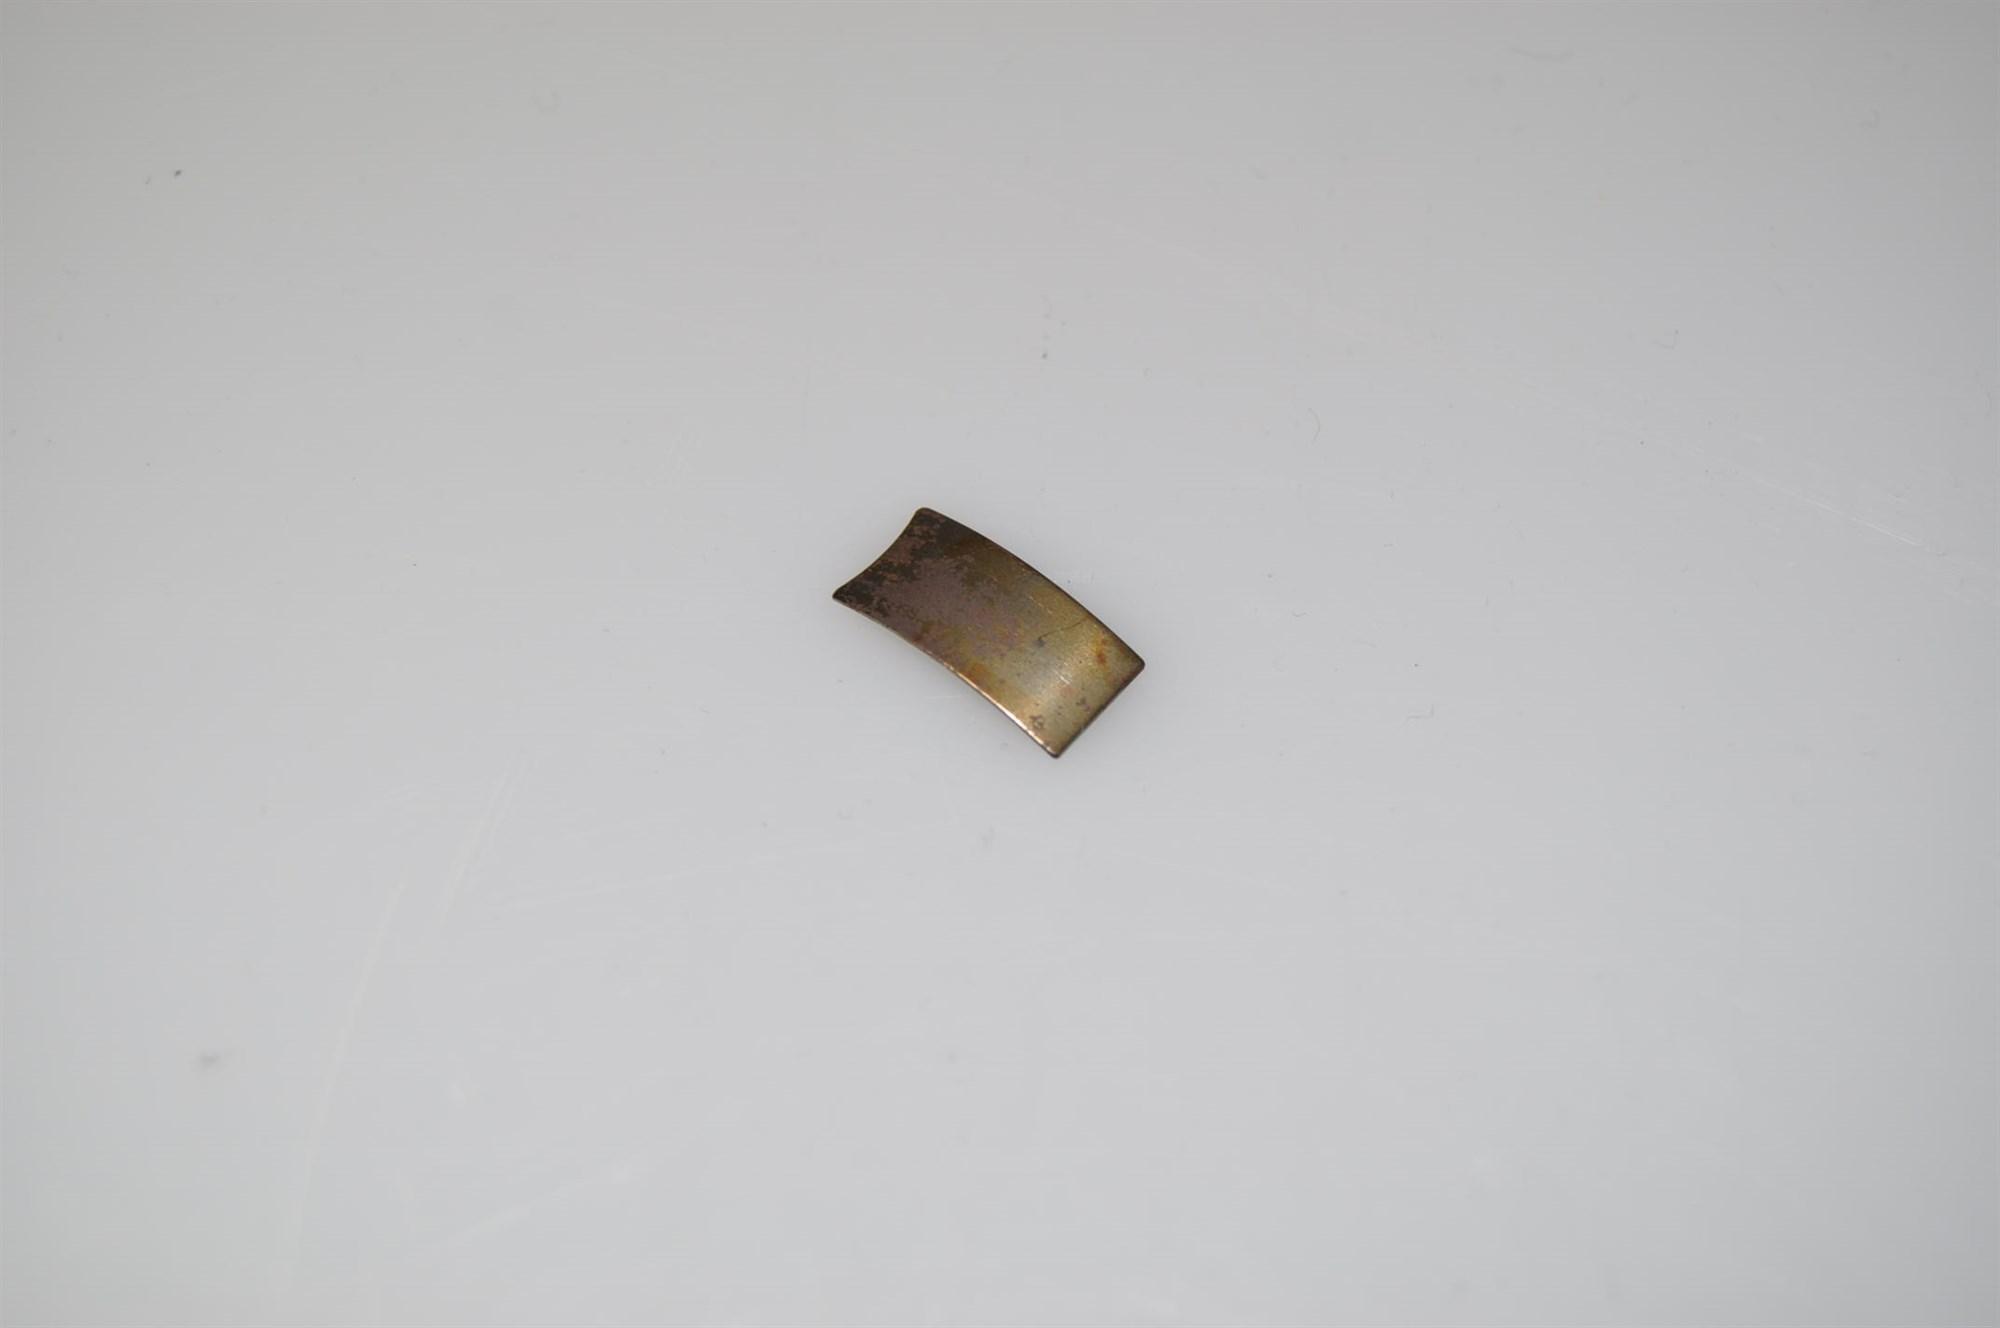 Gorenje Kühlschrank Copper : Feder für knopf gorenje herd backofen